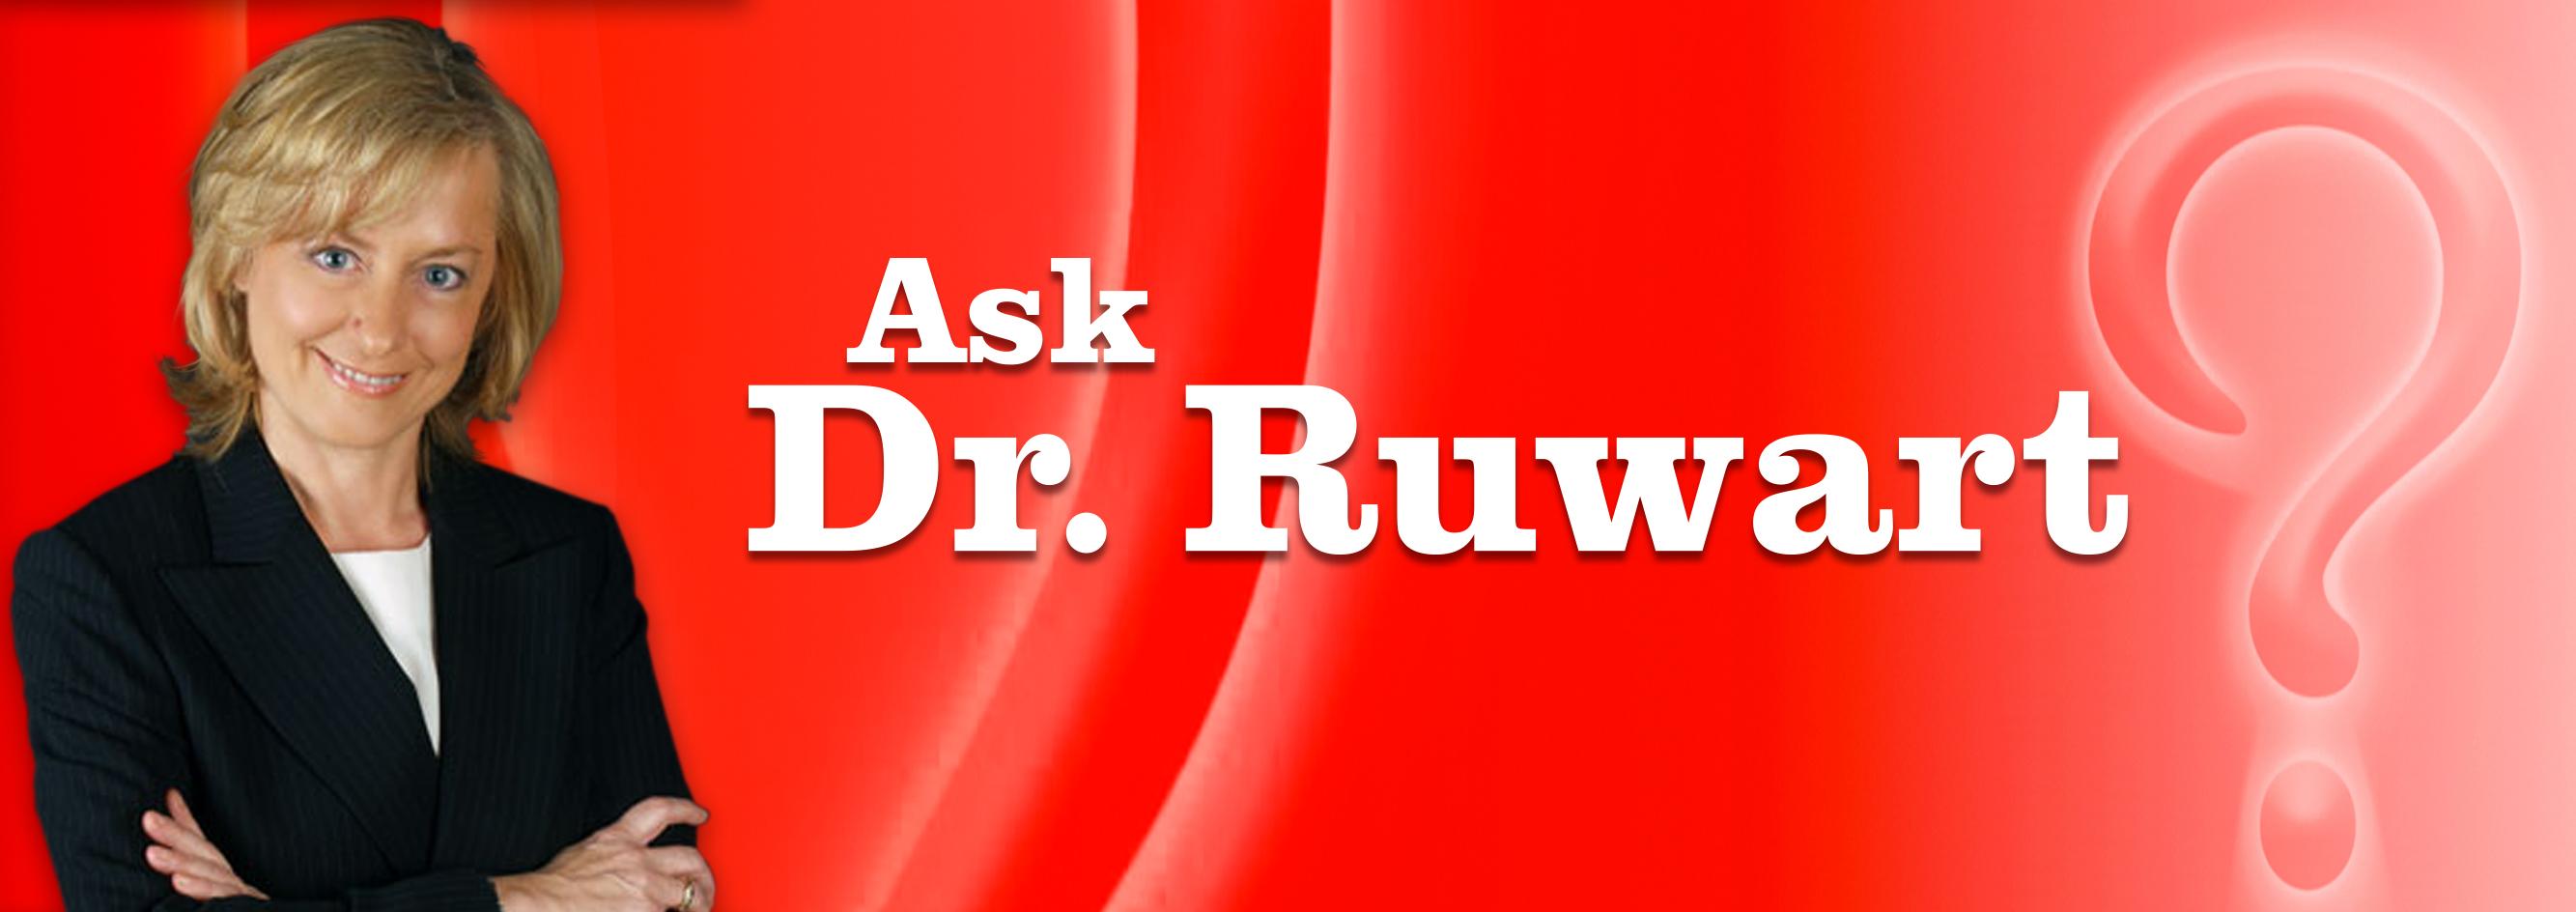 Dr. Ruwart